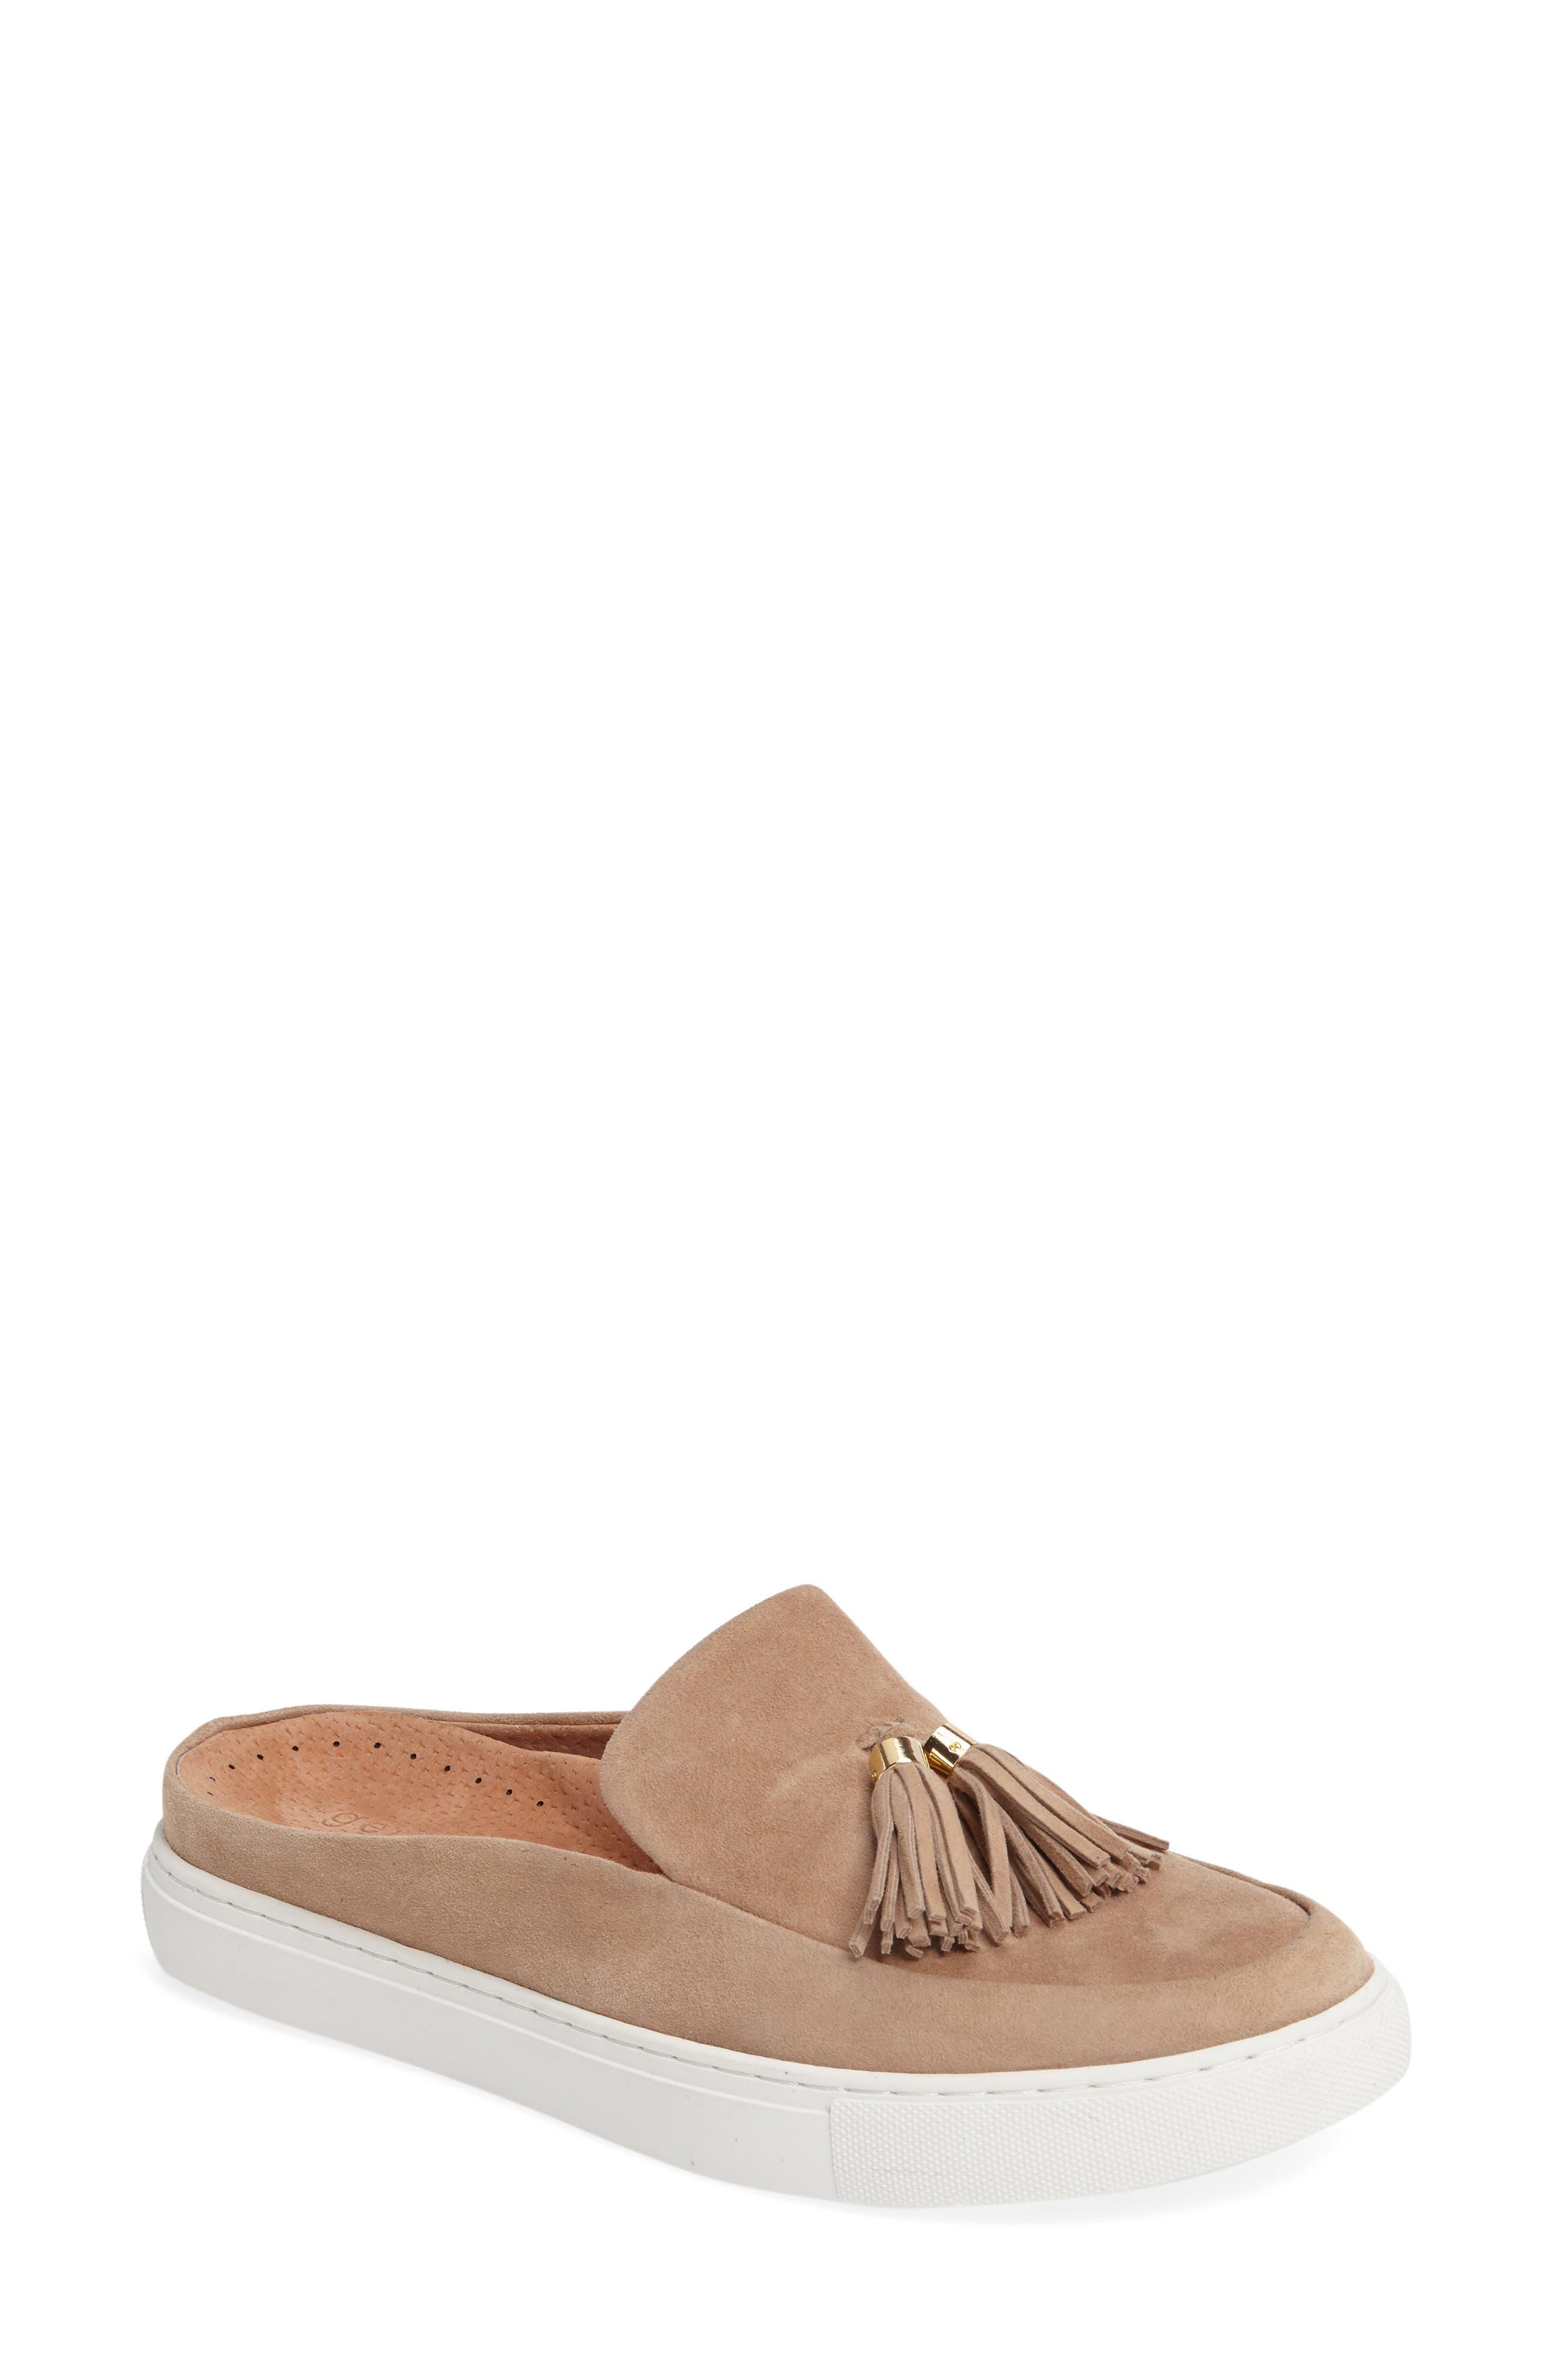 Gentle Souls Rory Loafer Mule Sneaker (Women)